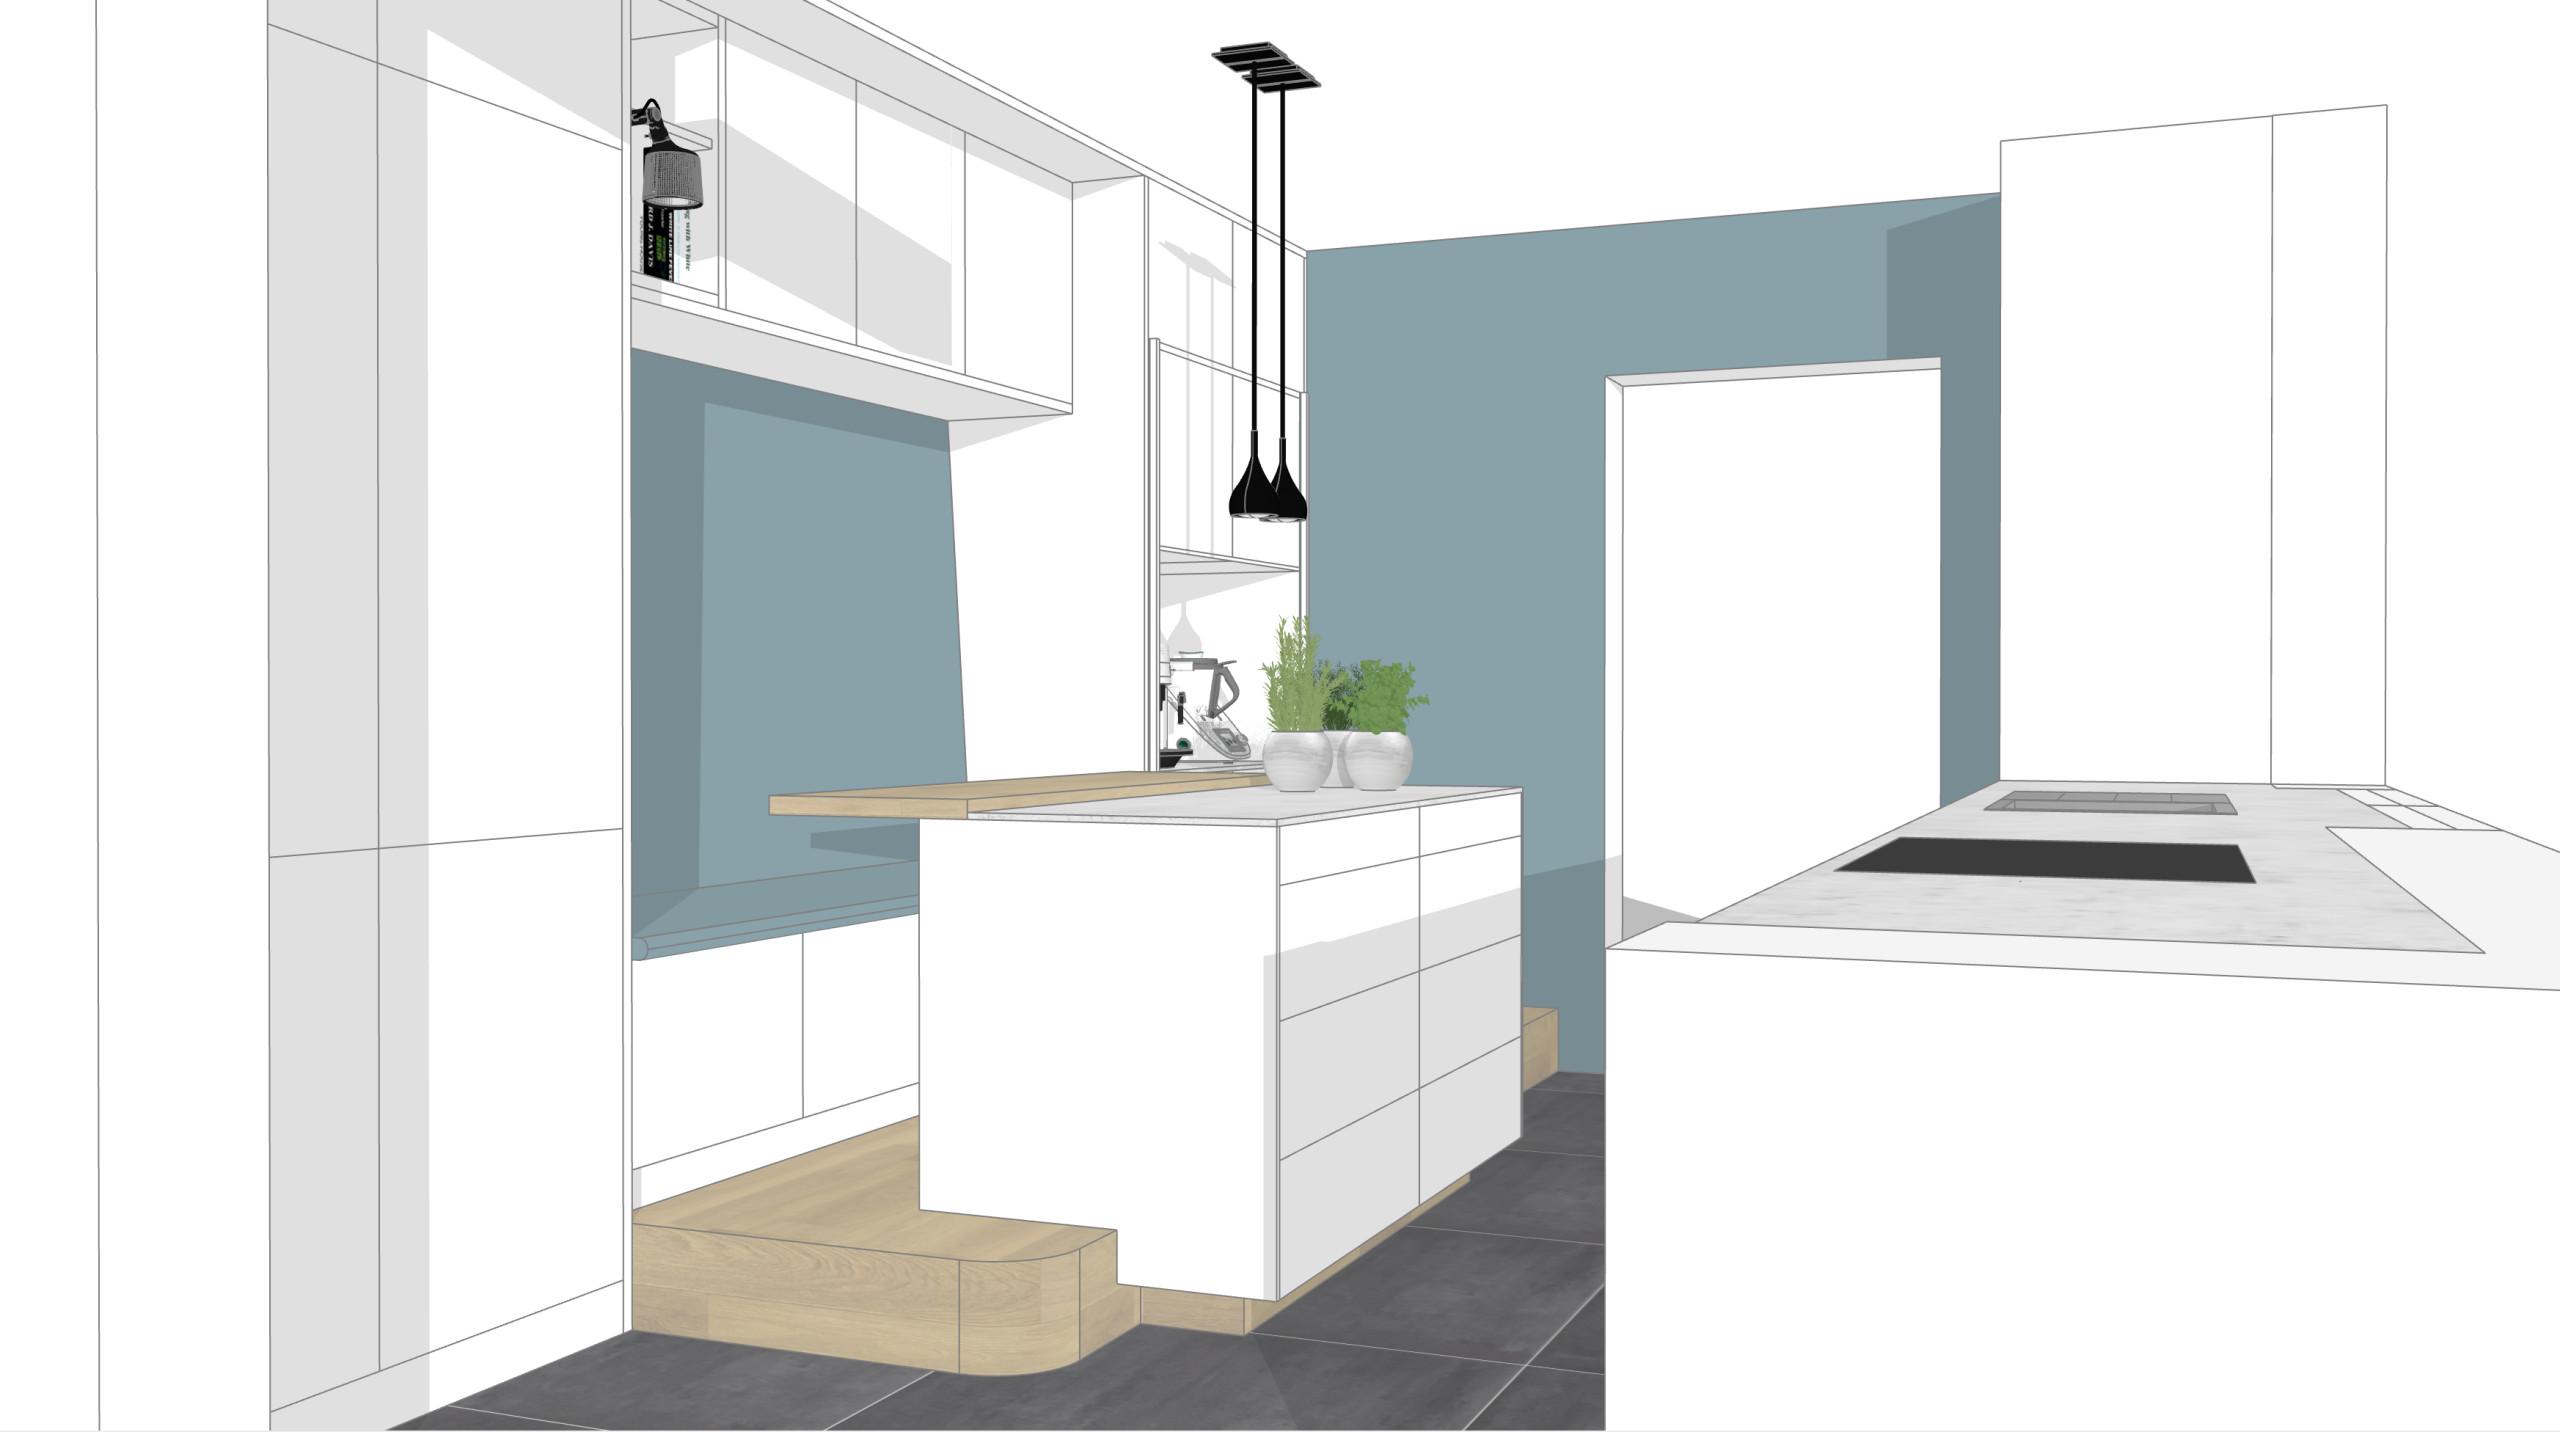 Küchenplanungen